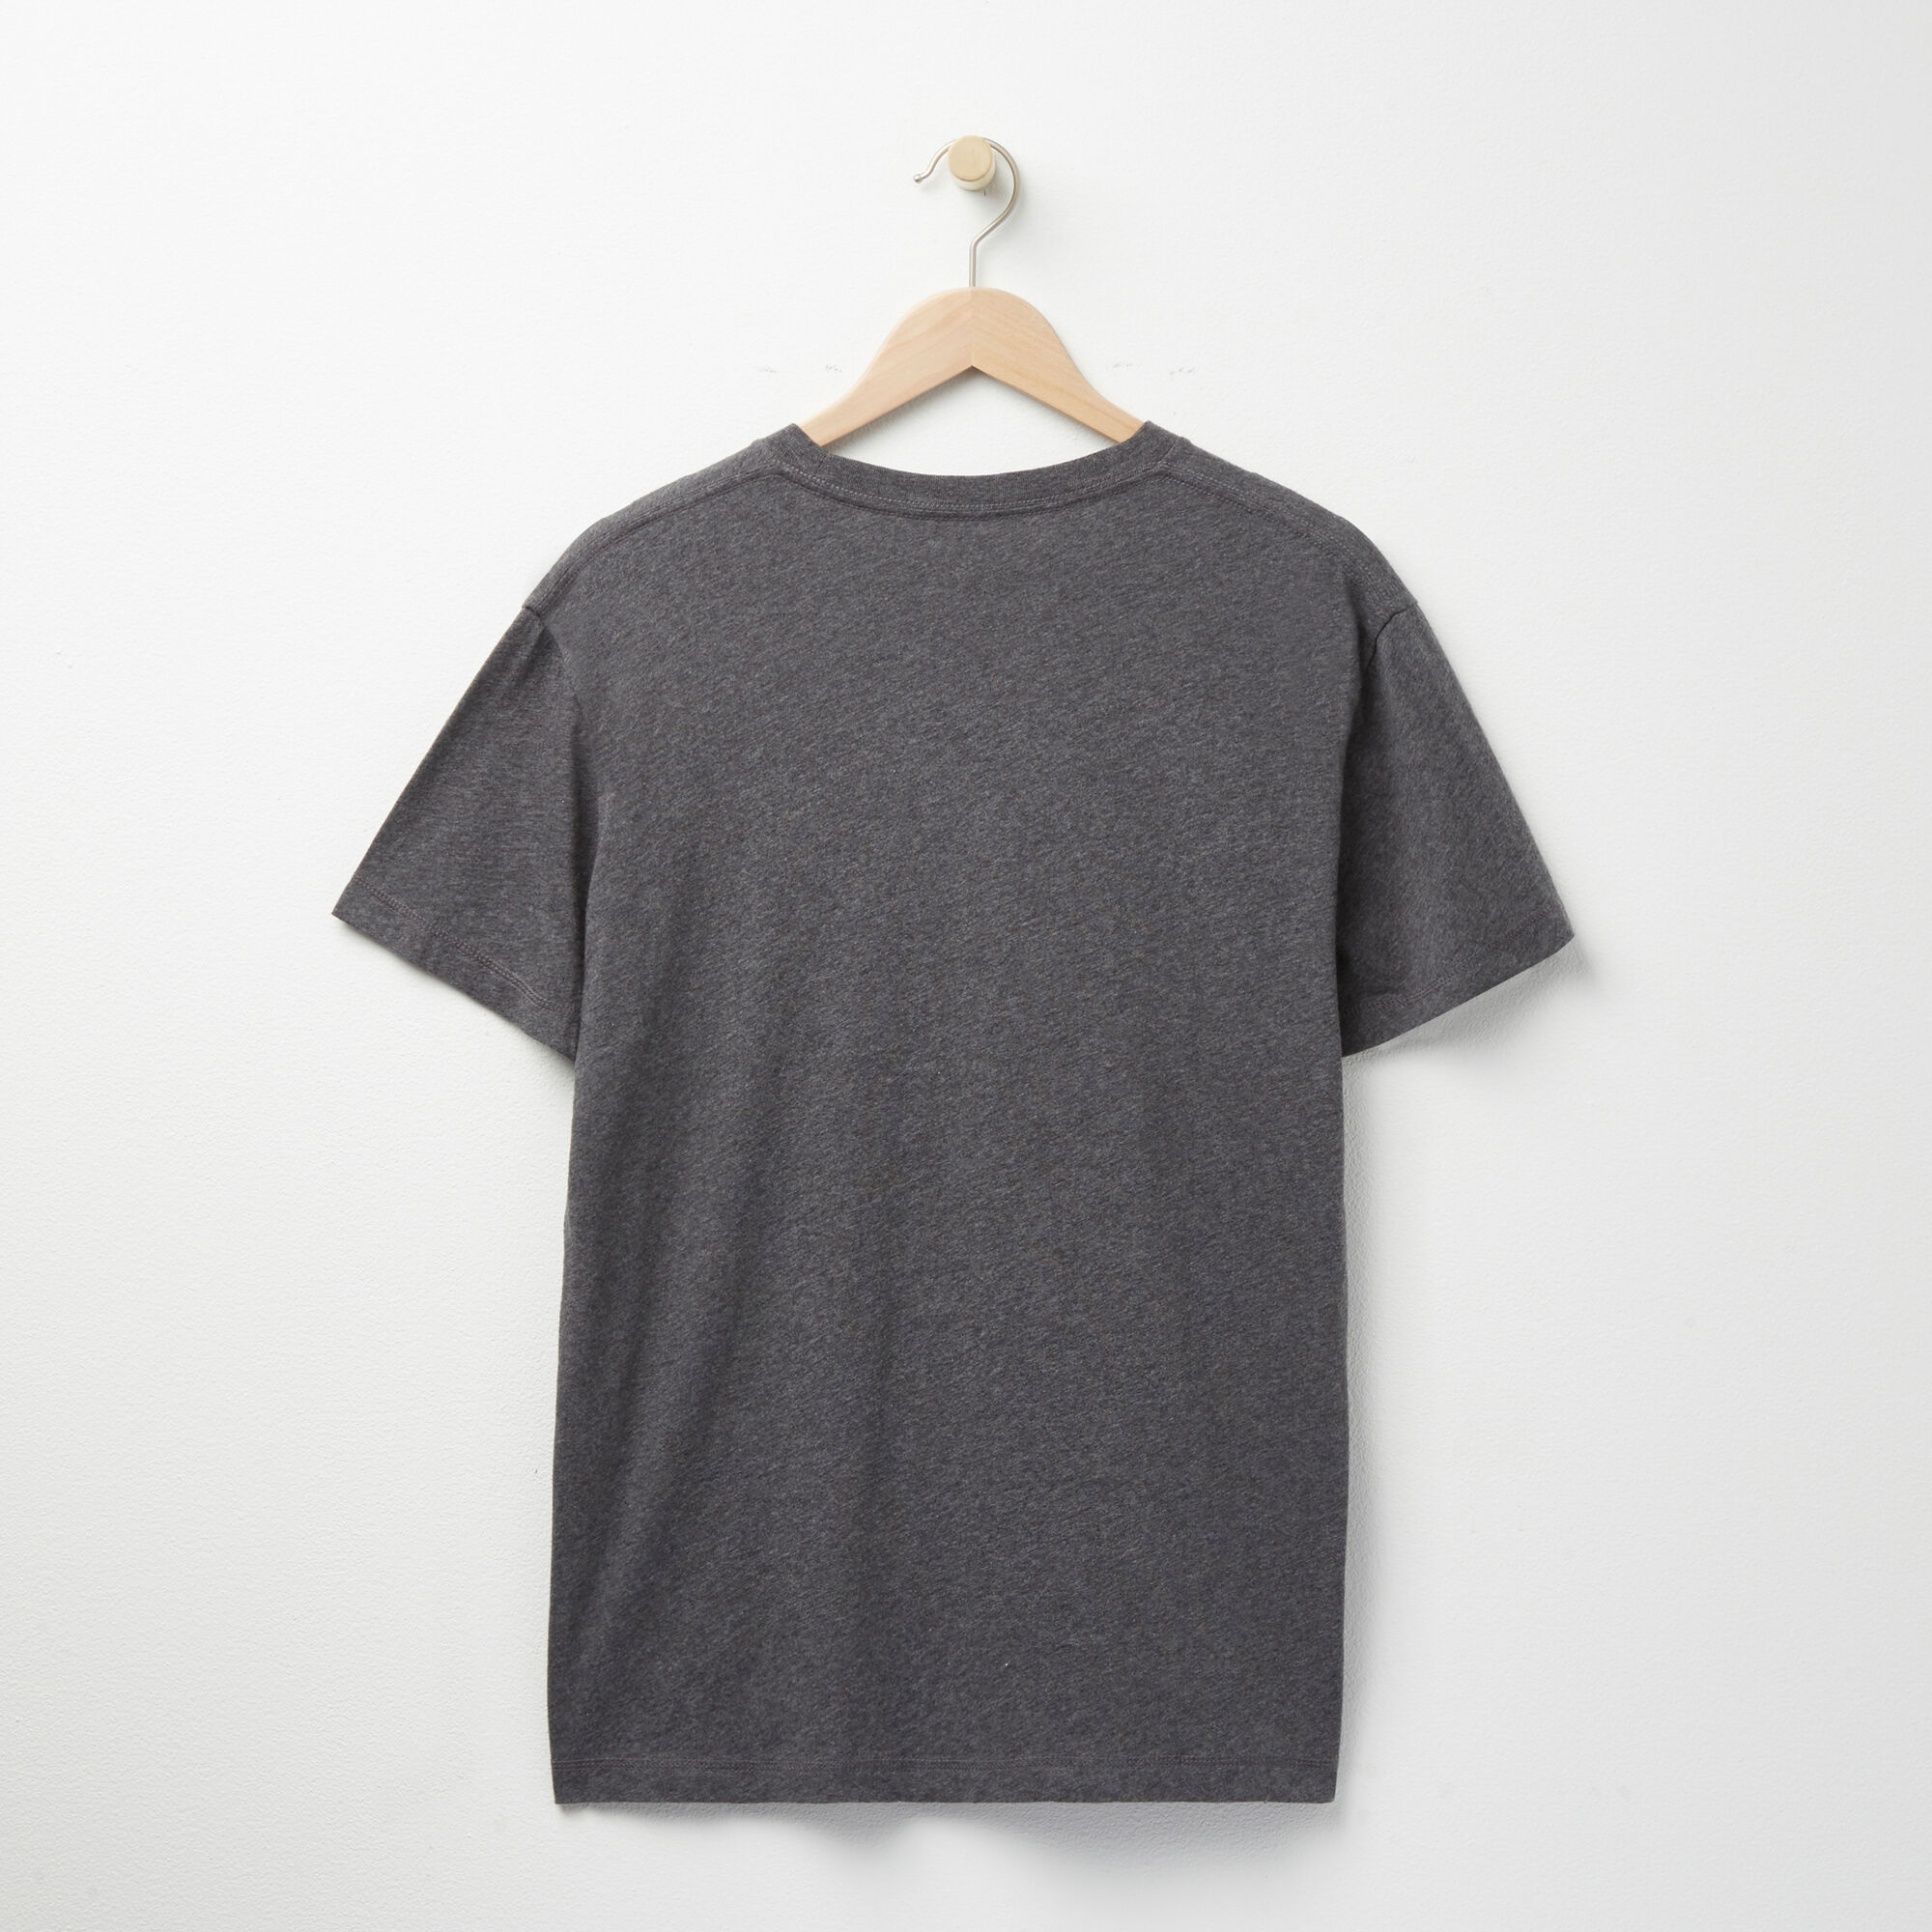 Roots X Pendelton T-shirt